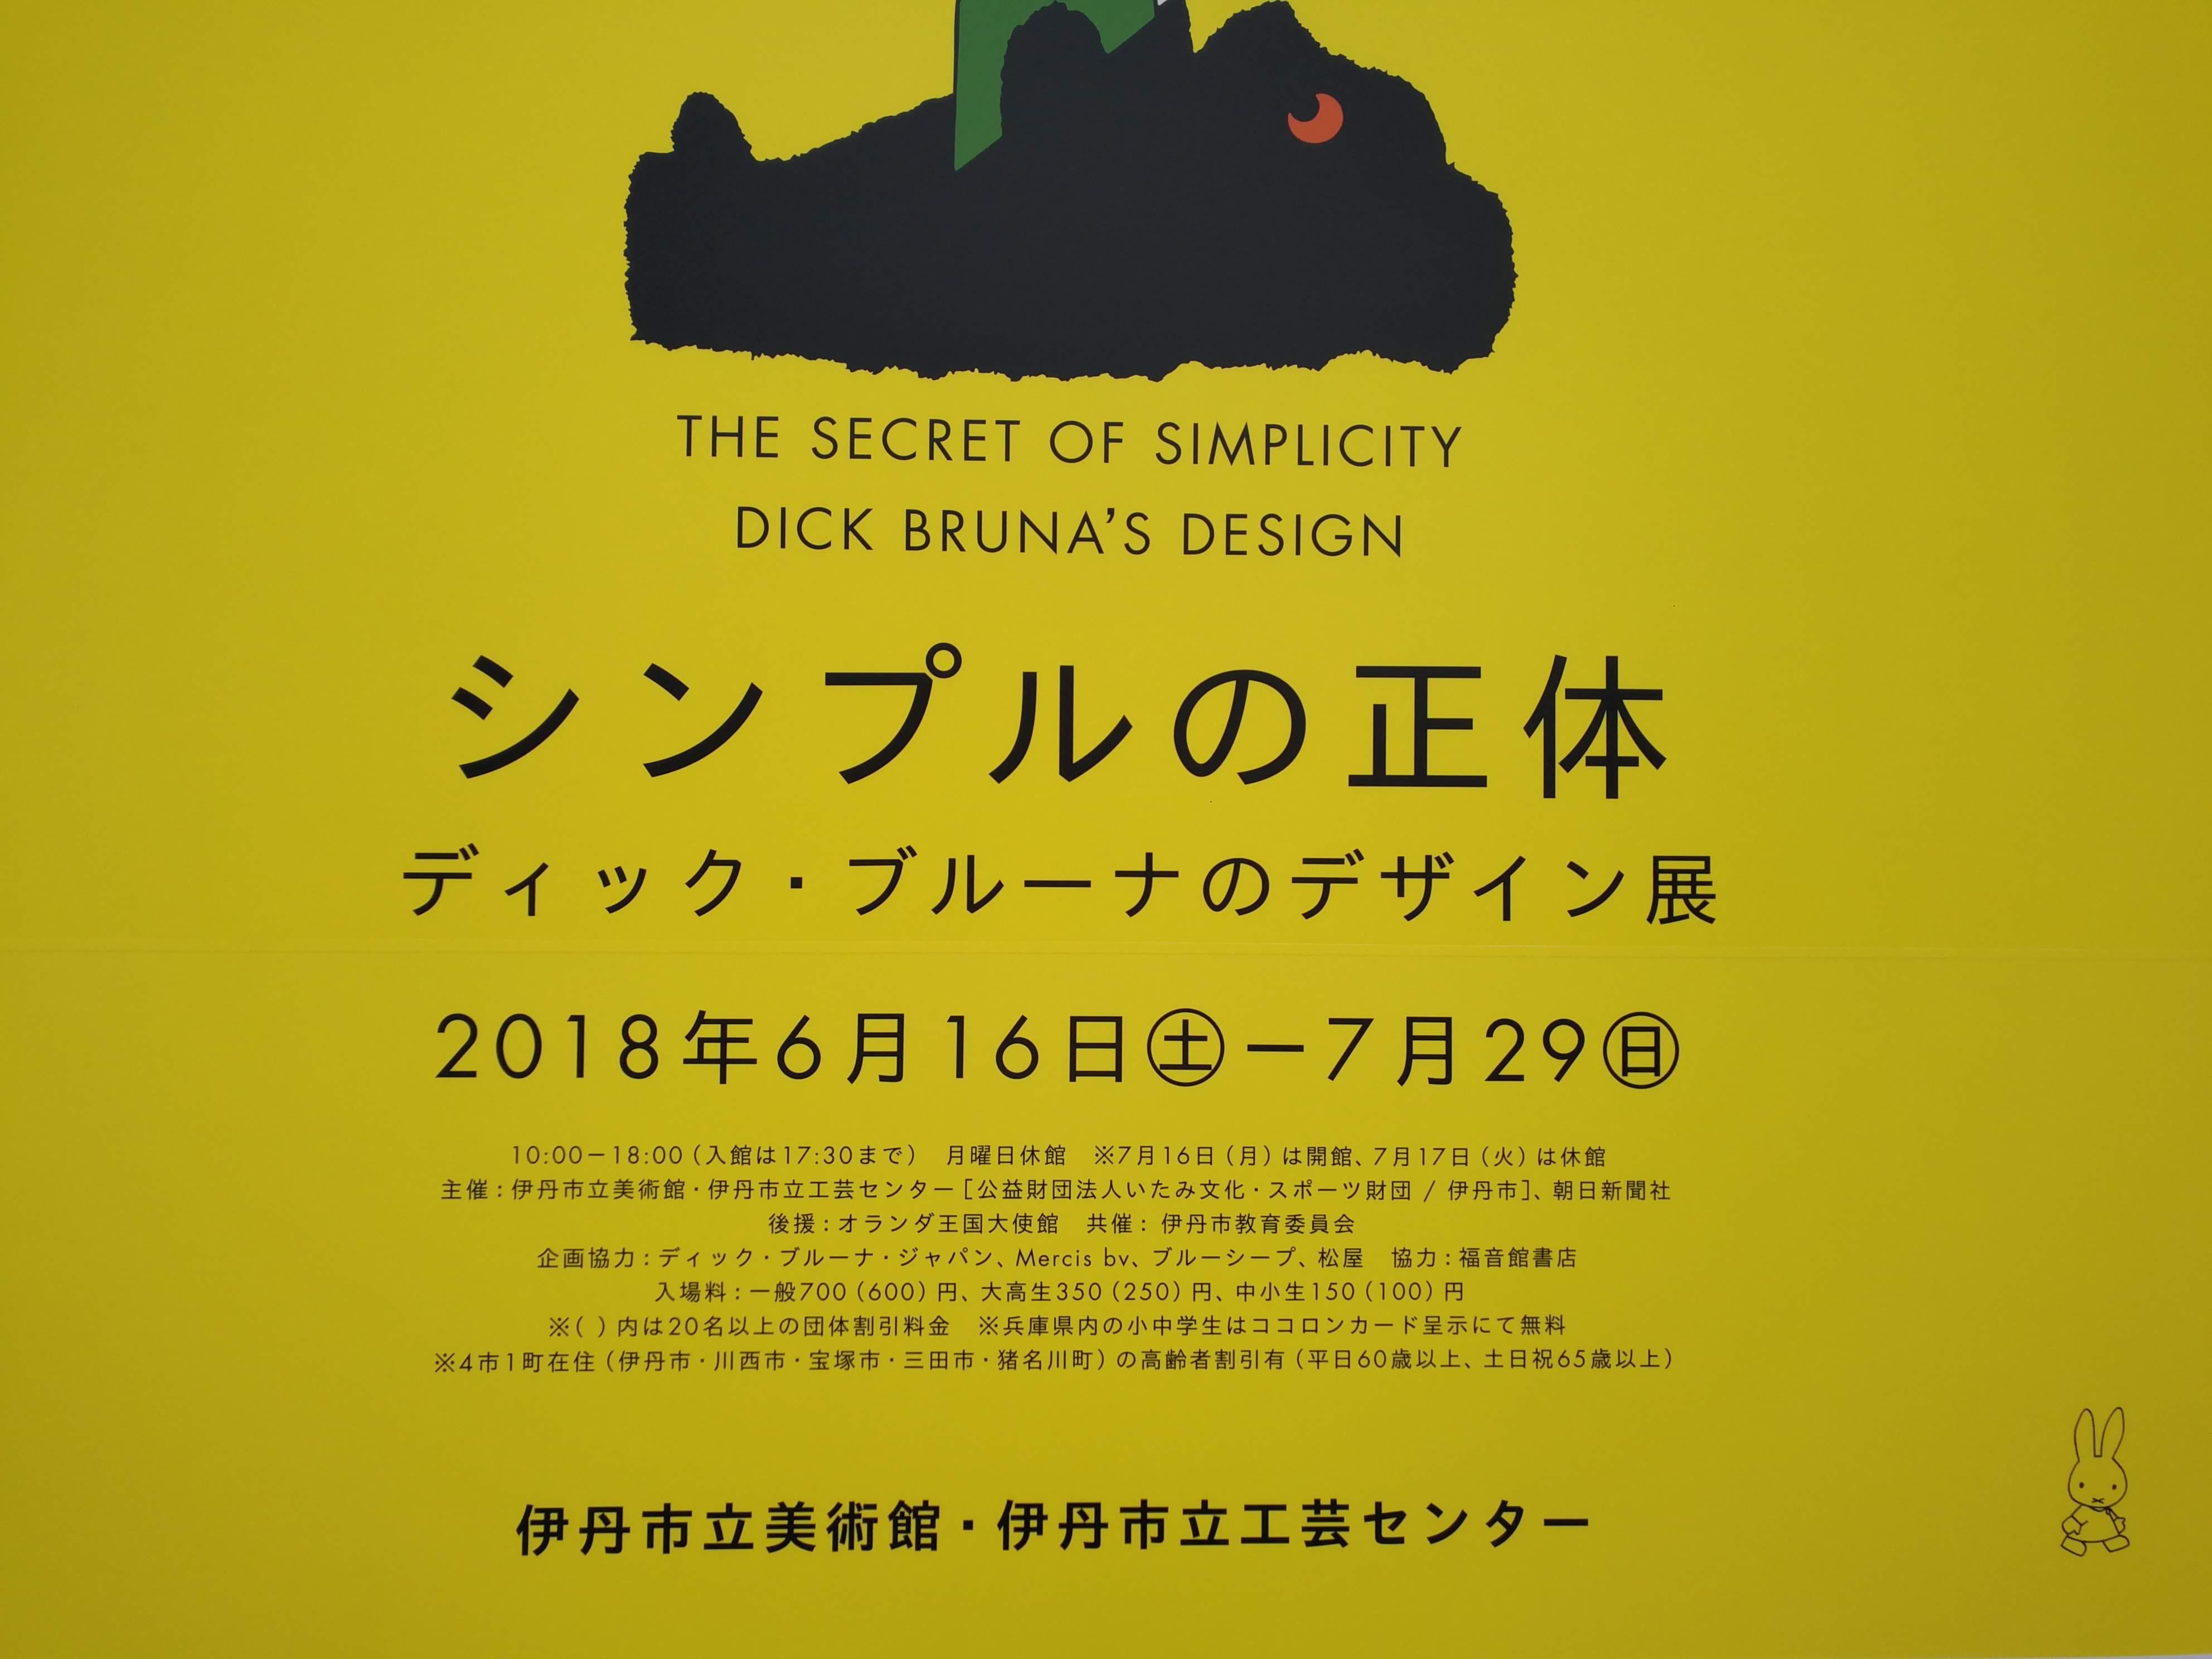 ディック・ブルーナのデザイン展